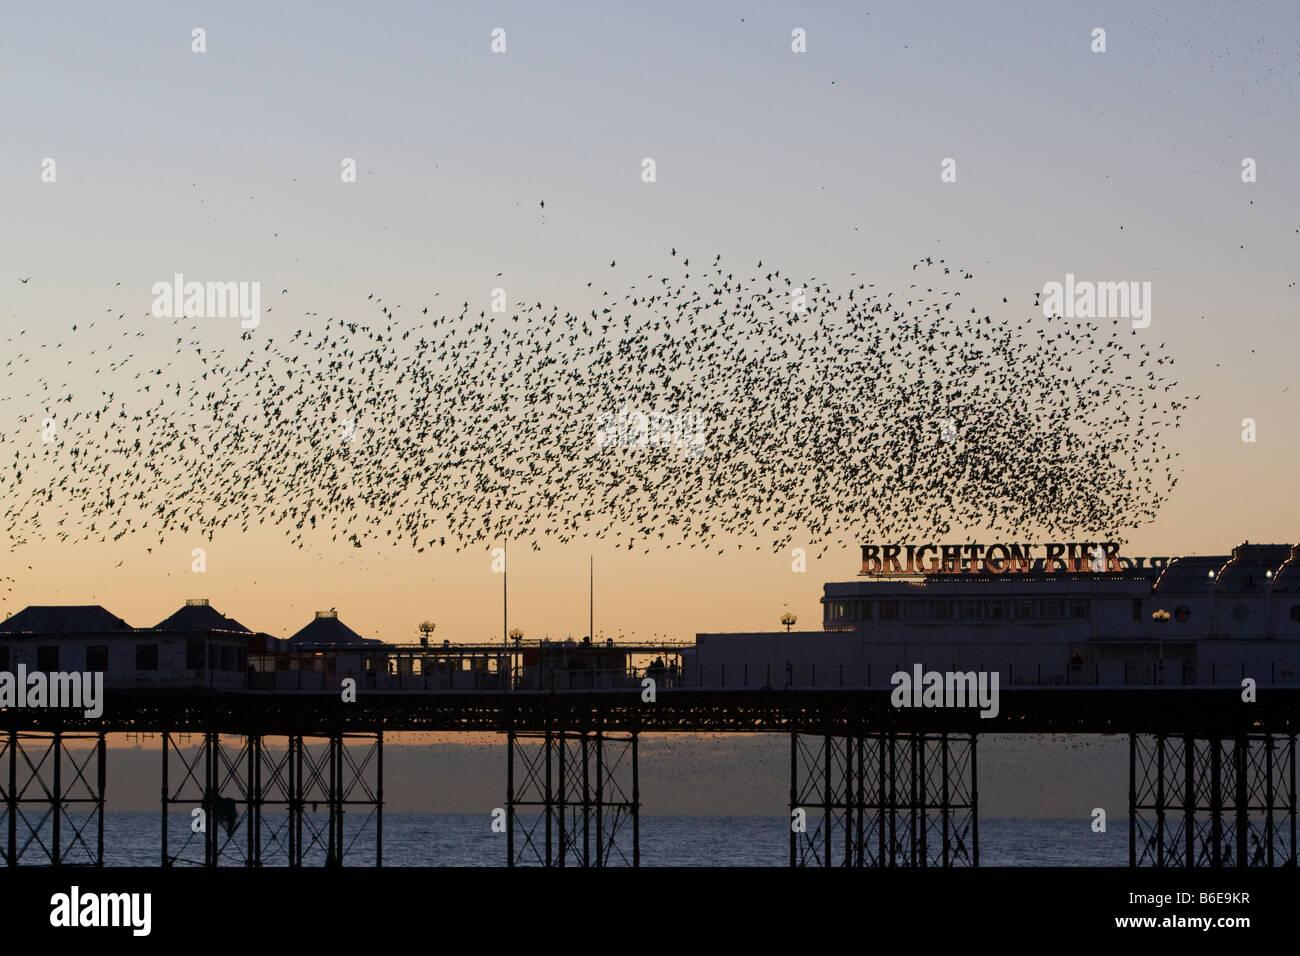 Large flock or 'murmuration' of Starlings Sturnus vulgaris above Brighton Pier Brigton East Sussex UK winter - Stock Image